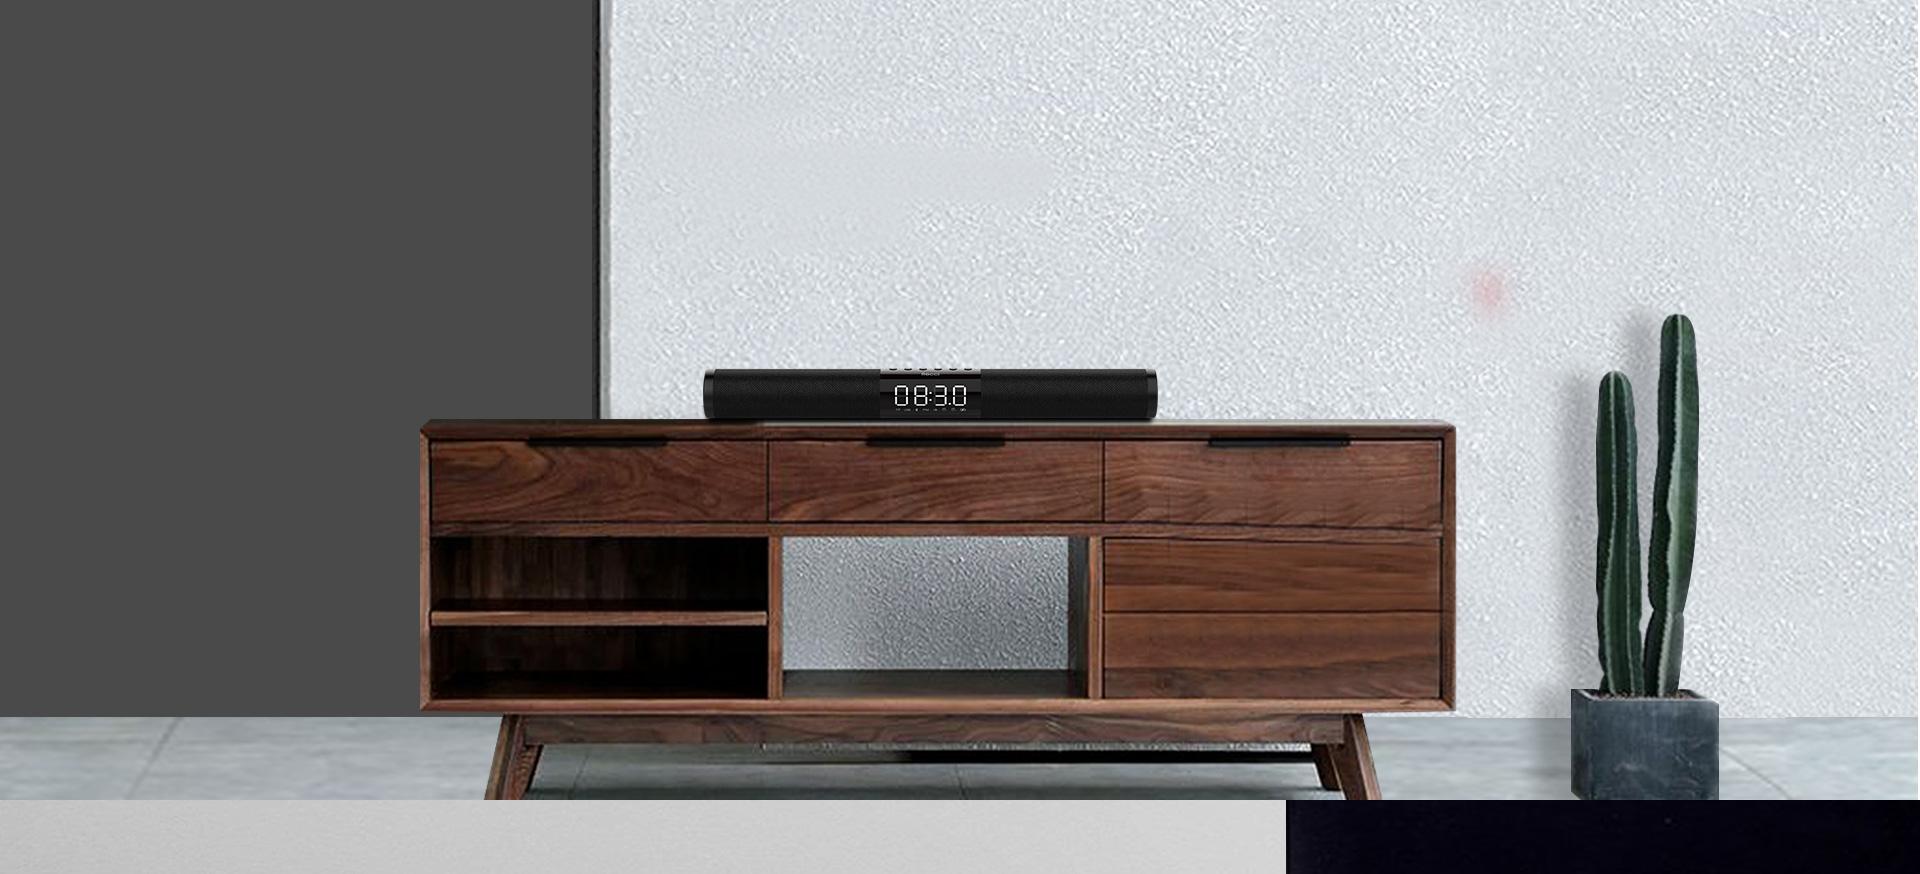 [ SẢ KHO ] Loa Bluetooth SoundBar Recci R1, Loa Bluetooth Không dây Siêu Trầm, Pin 2200mAh Cung Cấp 10 giờ sử dụng, Âm thanh 360, Nhận Cuộc Gọi Dễ Dàng..Bảo Hành 12 Tháng, Lỗi 1 Đổi